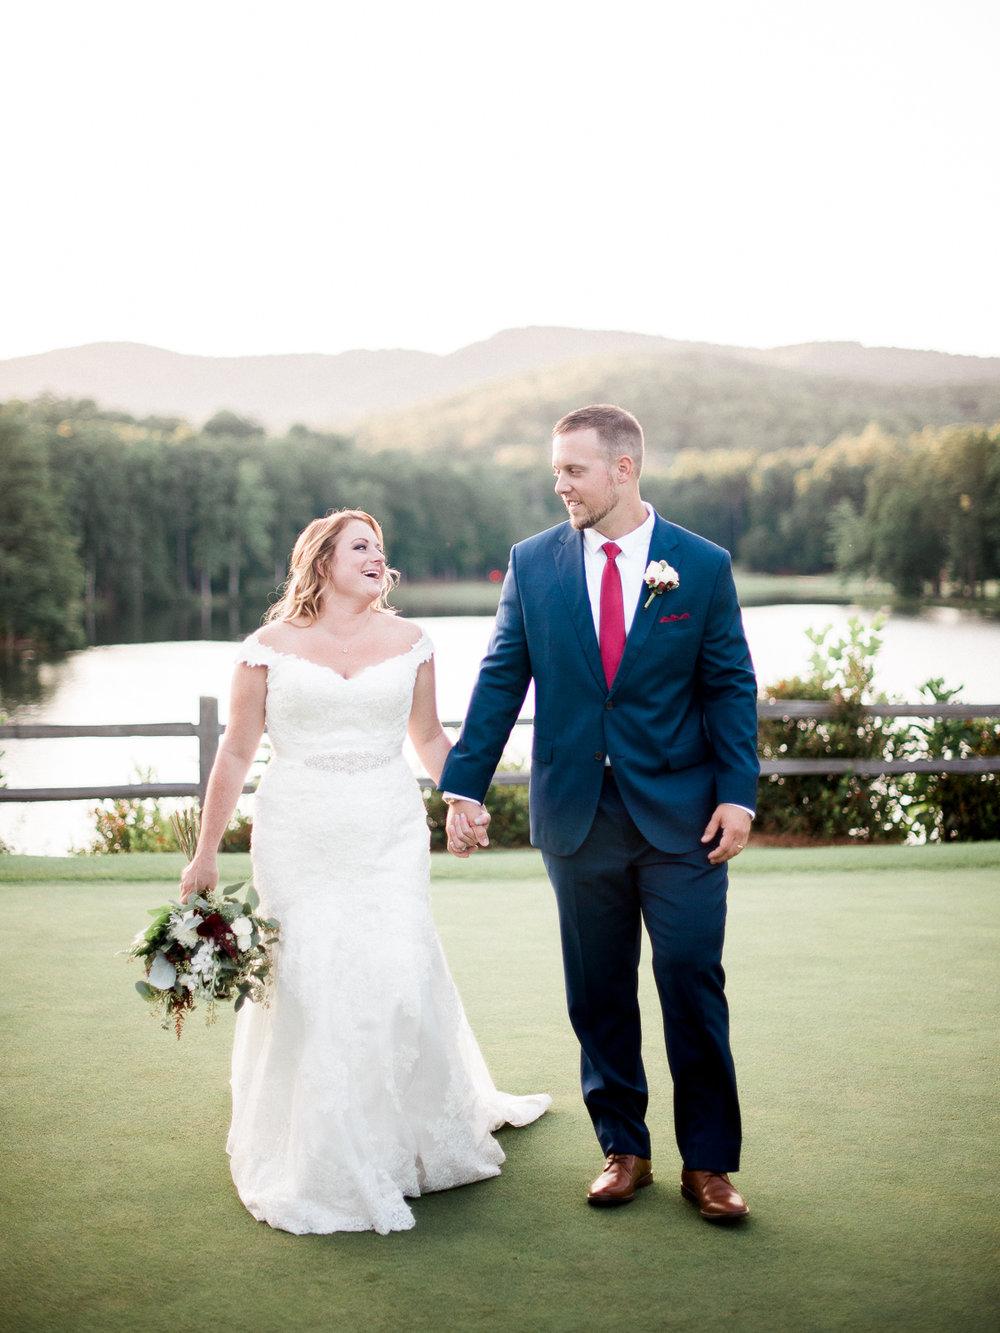 ashleybilly-wedding-sunset-christinadavisphoto42.jpg